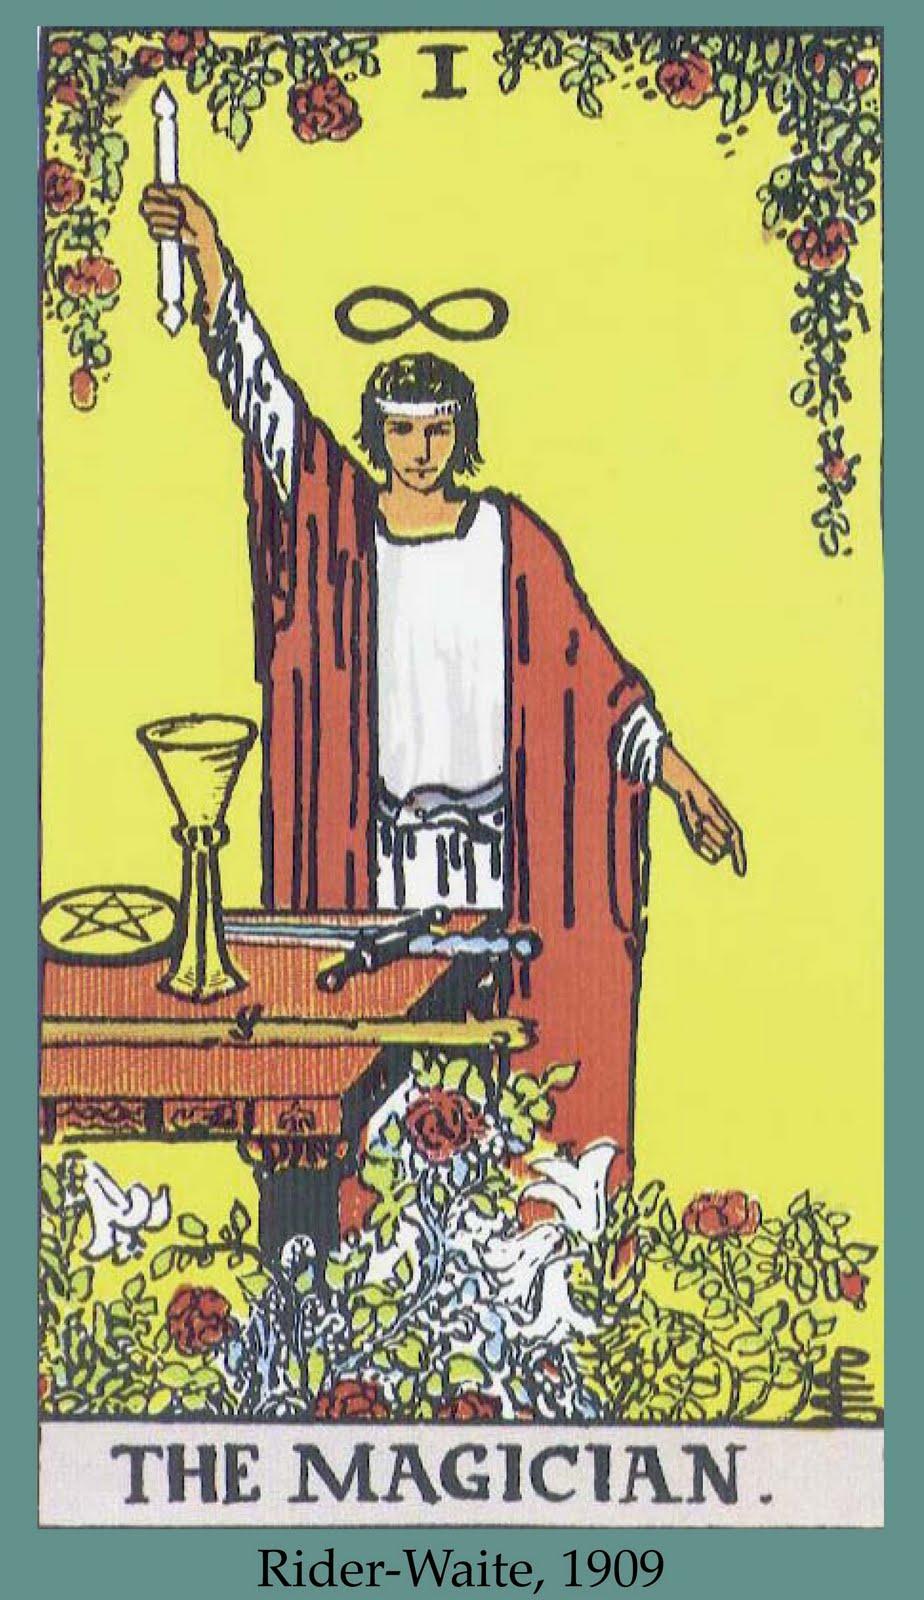 Major Arcana Tarot Card Meaning According To: Urbanality: The Major Arcana